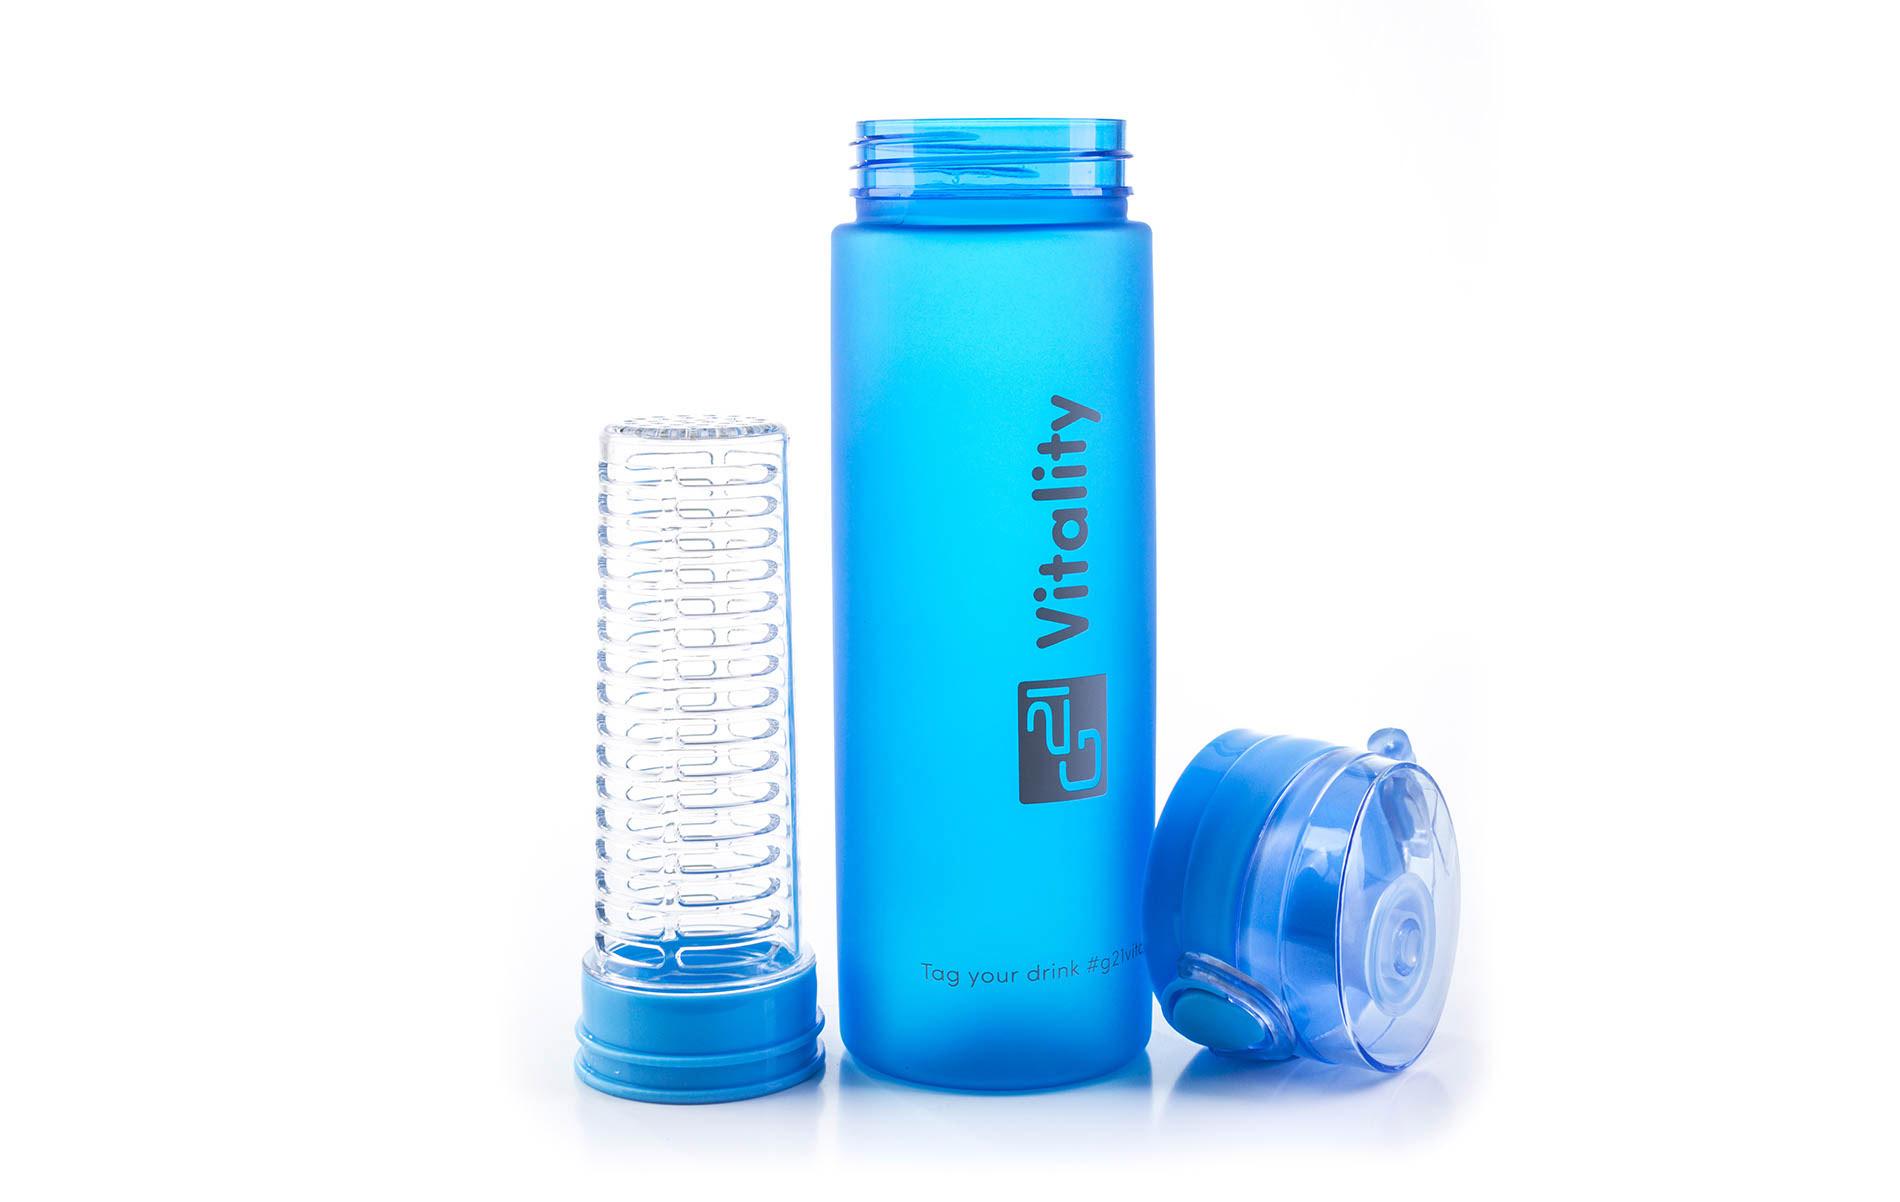 Modrá láhev G21 na smoothie/juice v mrazivém designu má multifunkční sítko